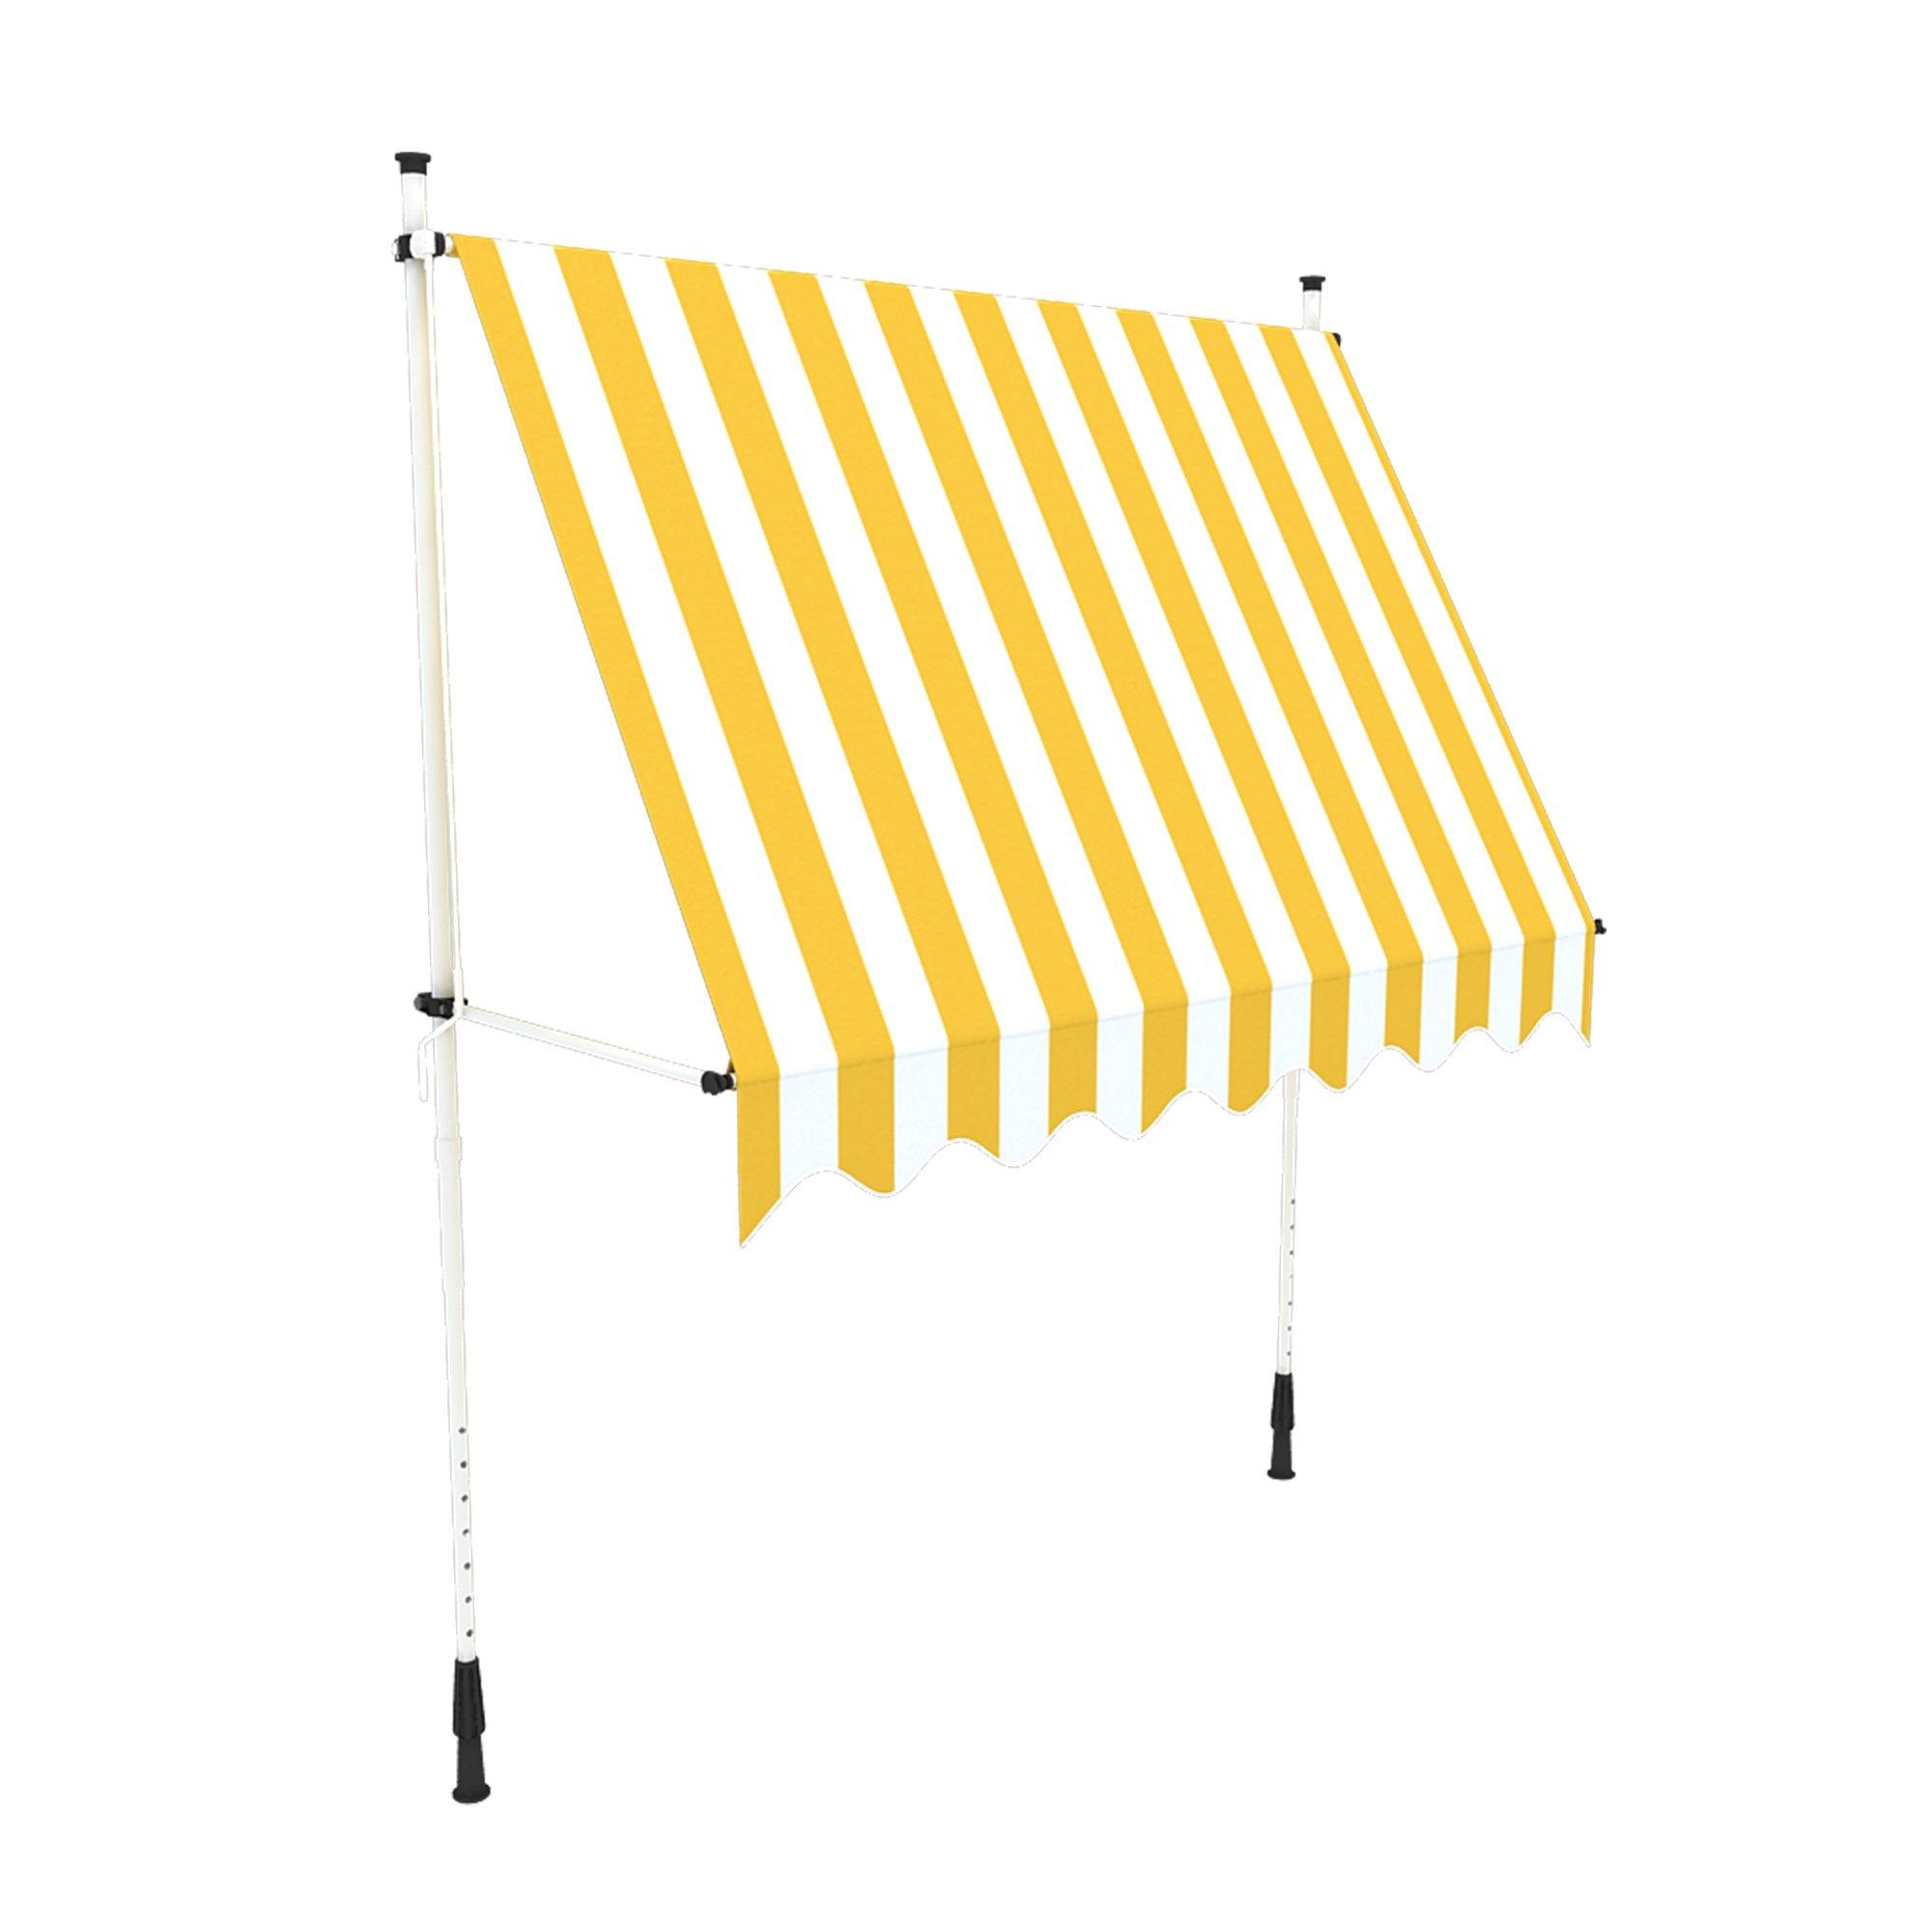 paramondo Jam Klemmmarkise Balkonmarkise ohne Bohren, Höhenverstellbar, UV beständig, mit Handkurbel, 3,95 x 1,20 m…